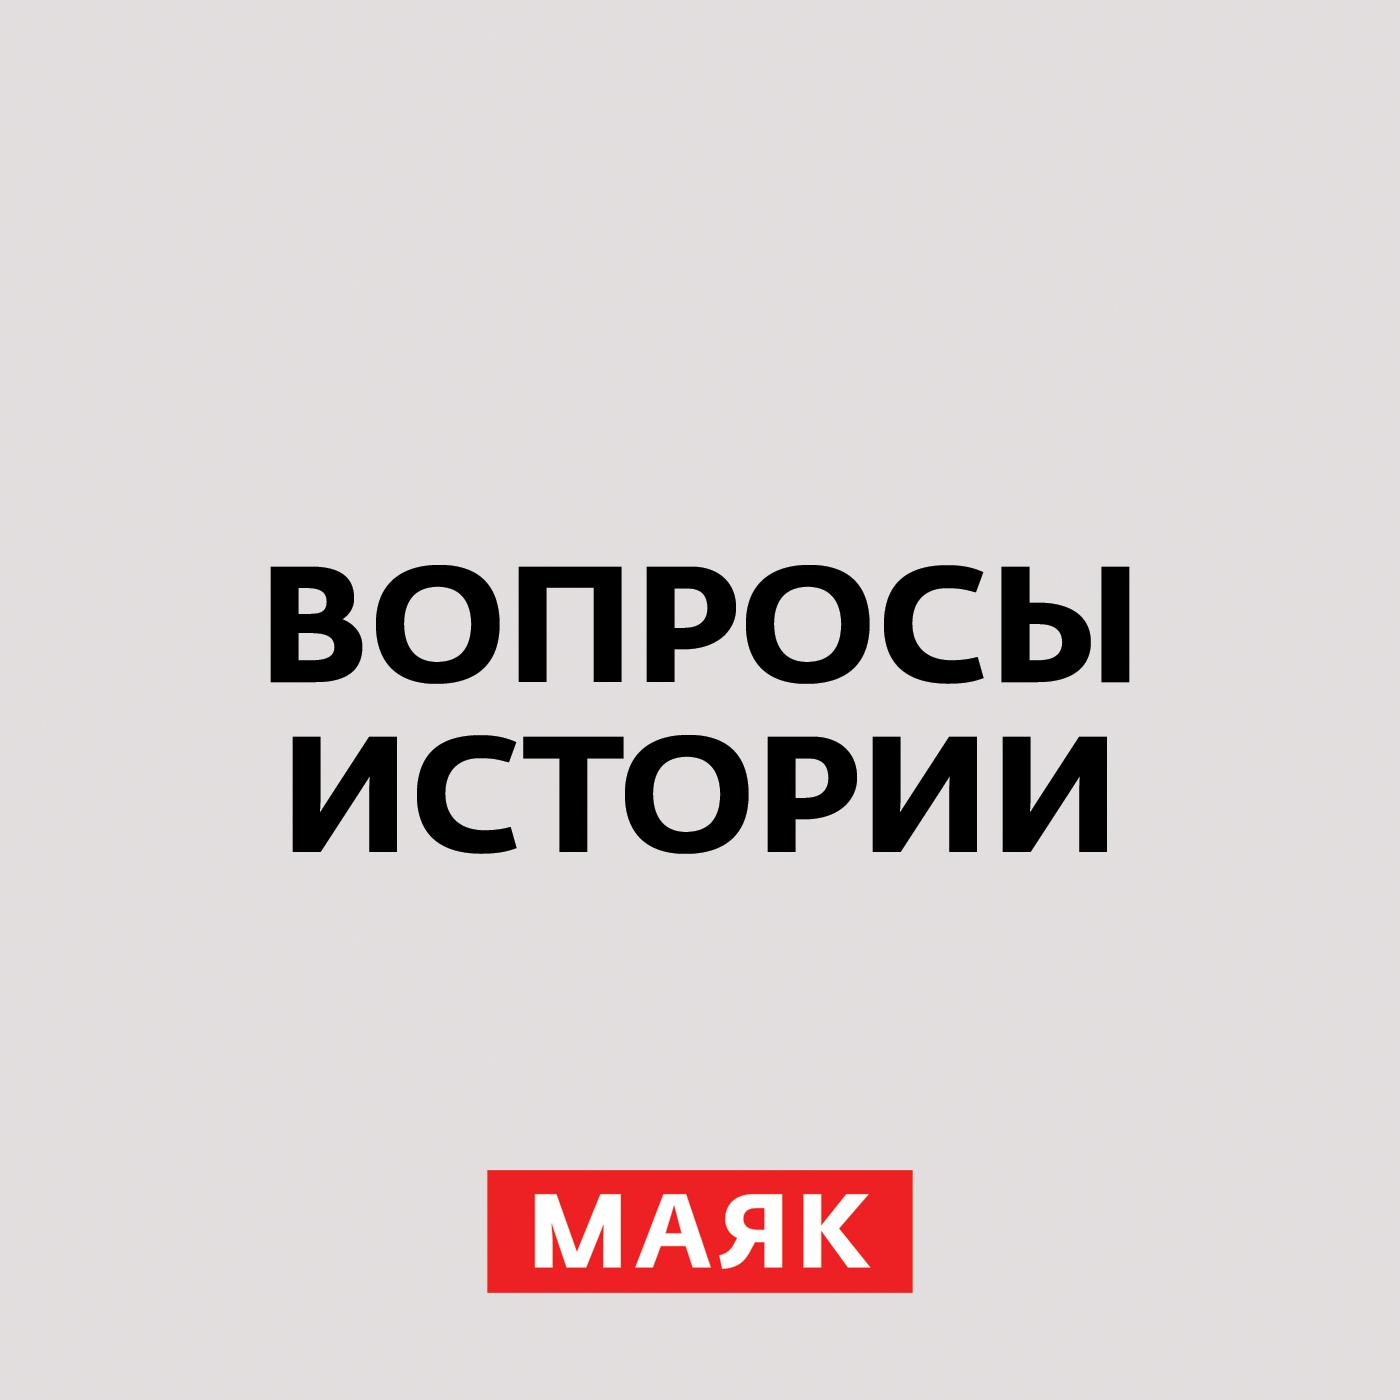 Андрей Светенко Христиане всегда поддерживали Асада жирохов м приднестровье история конфликта